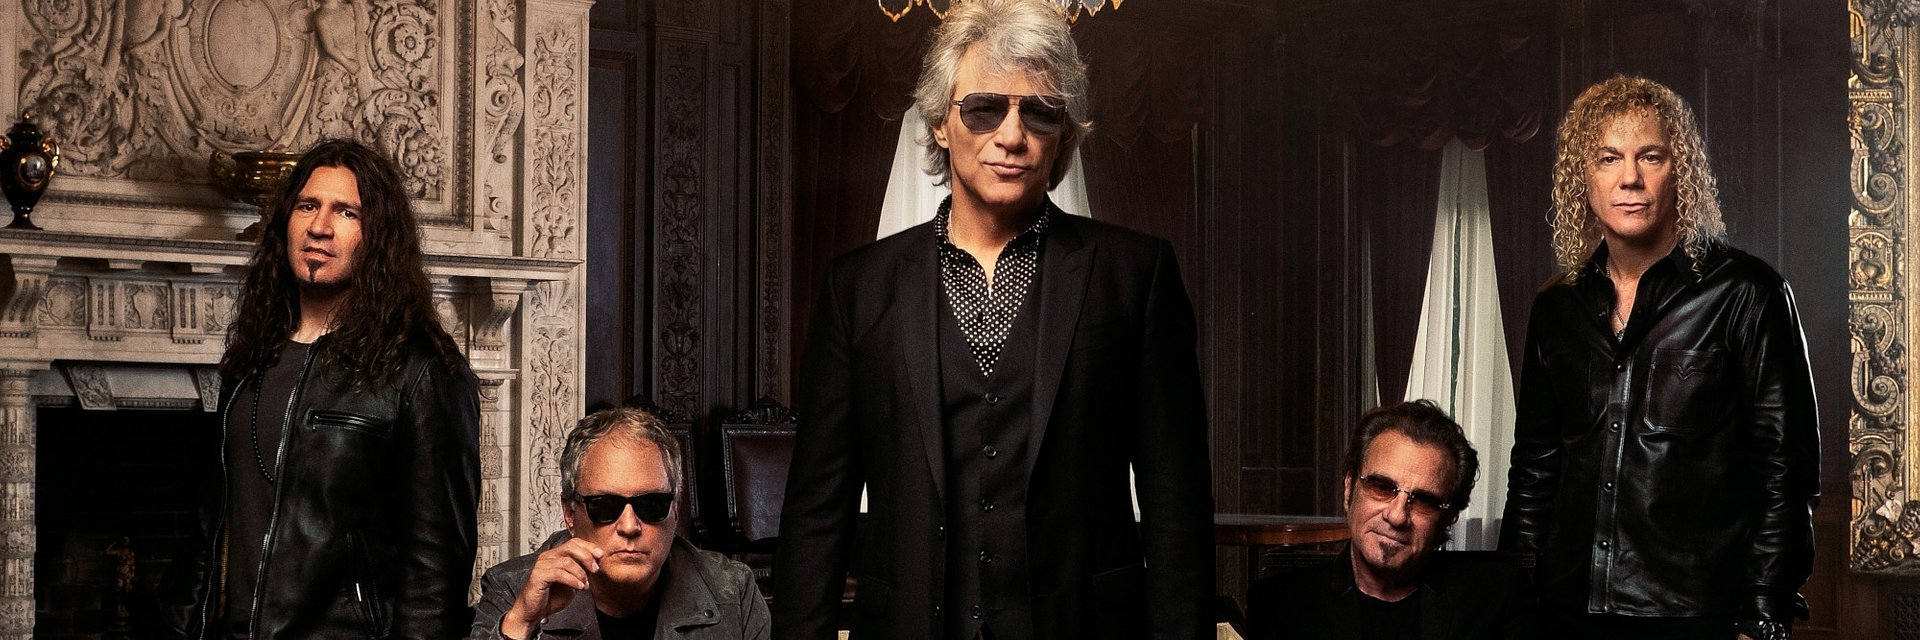 Bon Jovi zaprasza do archiwum rodzinnego